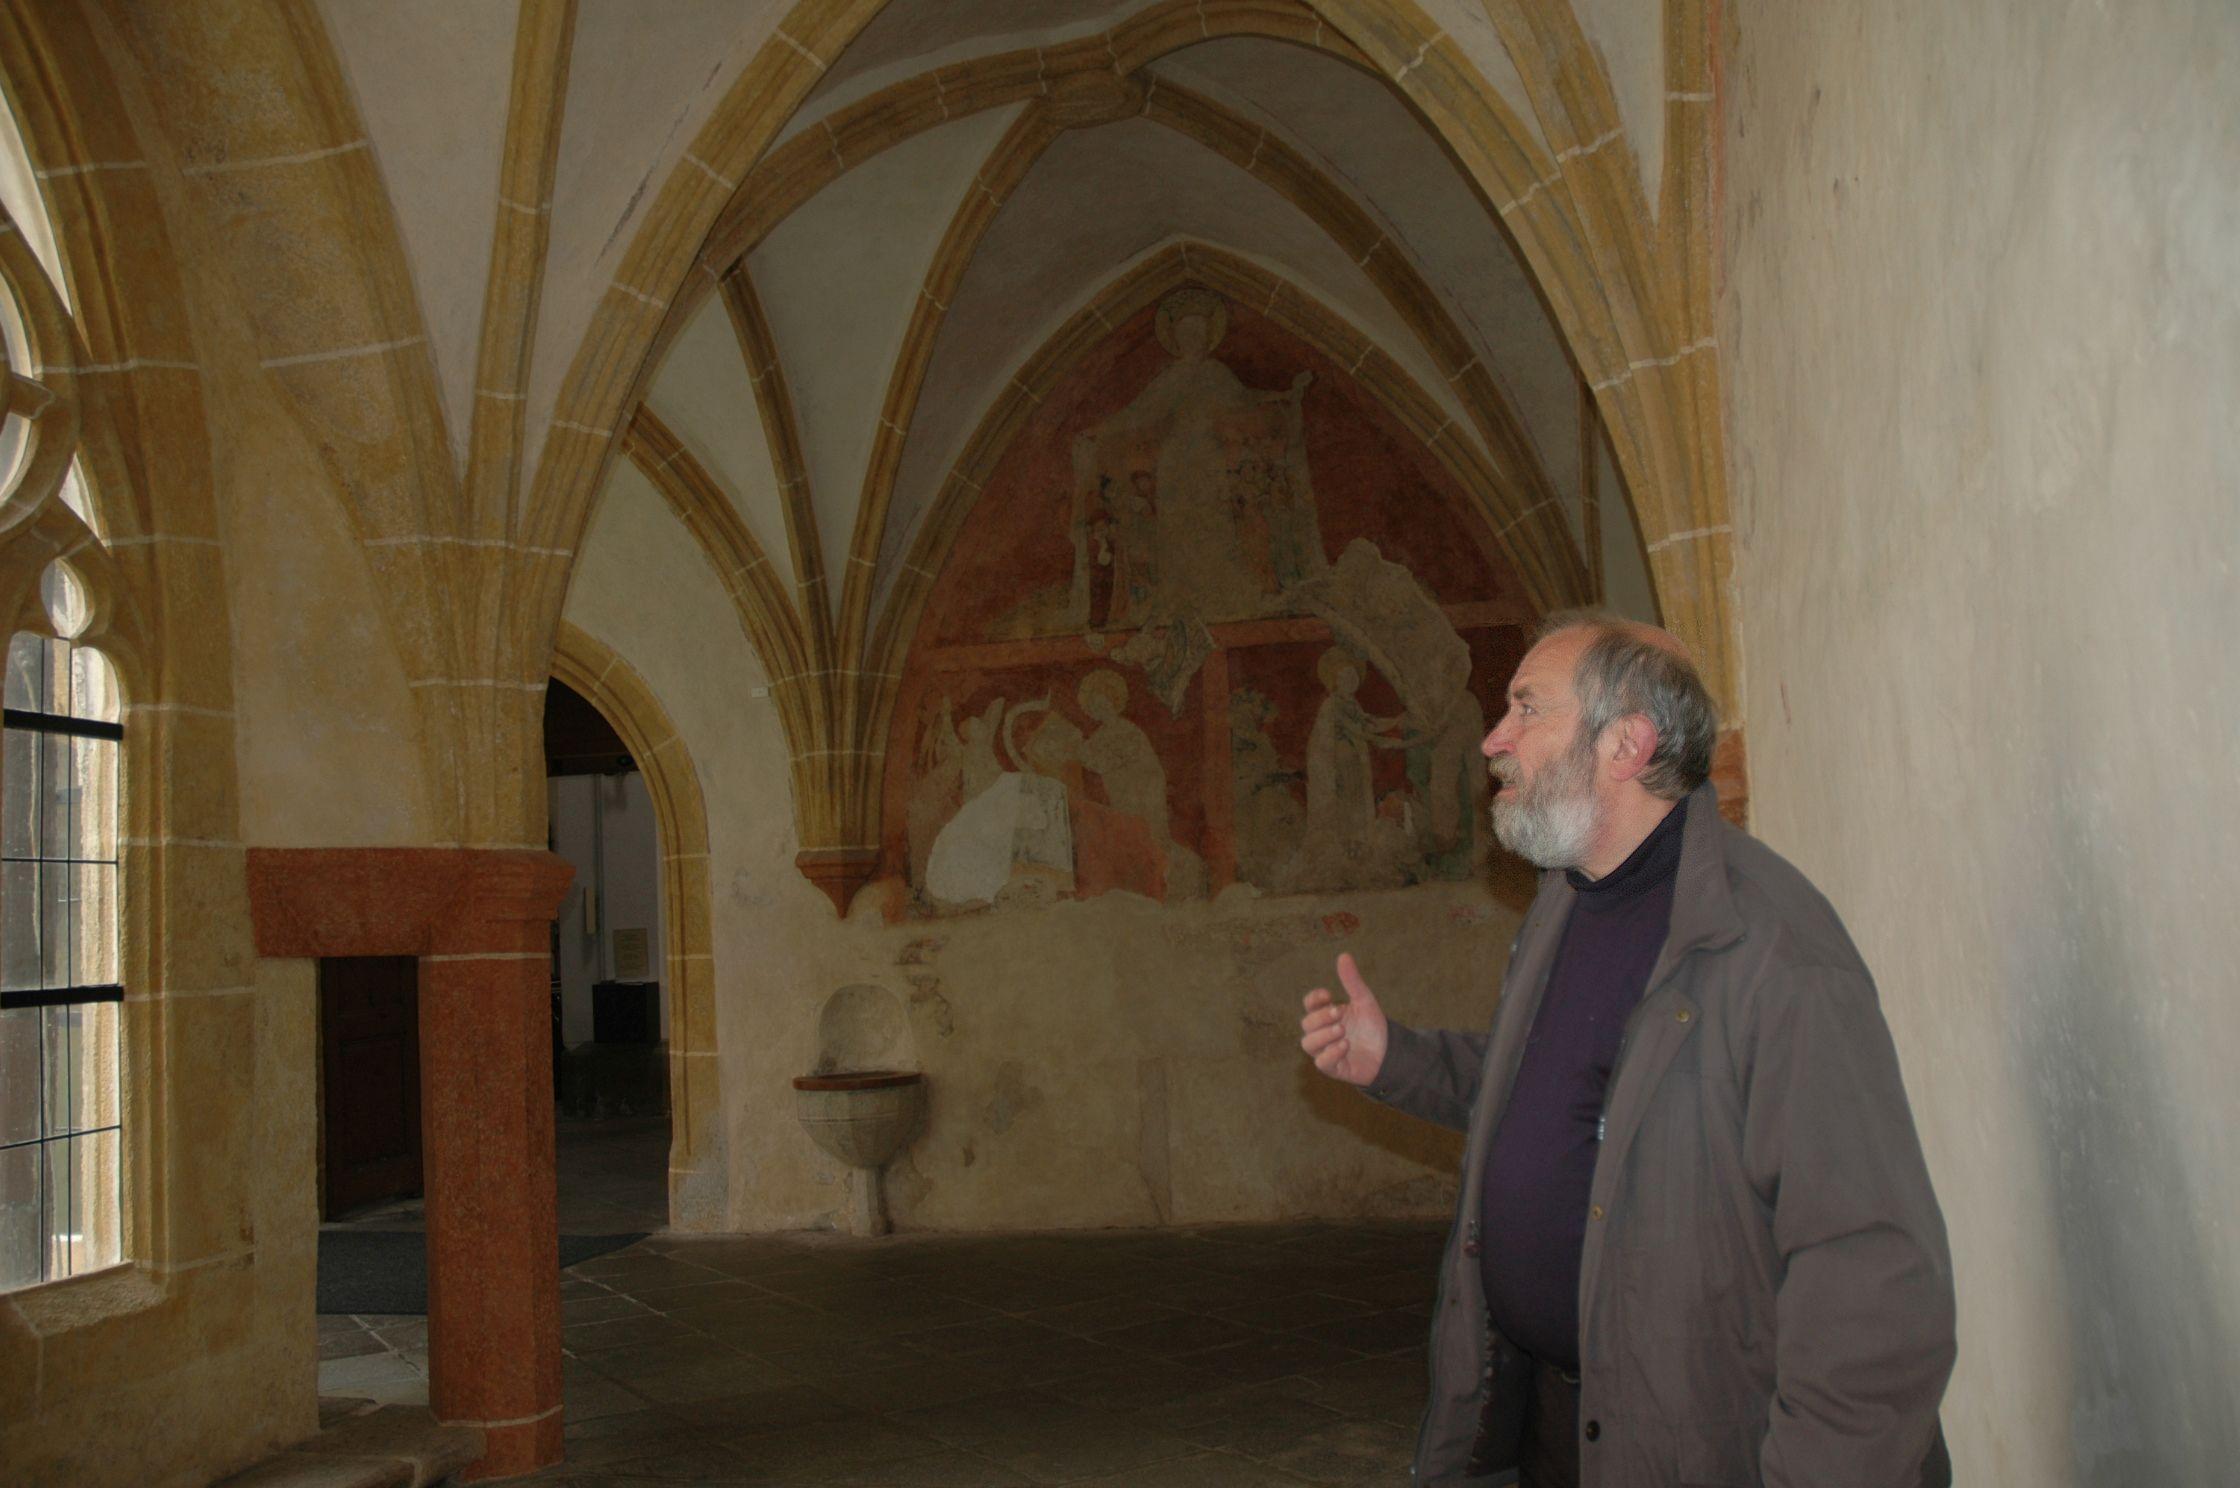 JIří Míchal ukazuje místo v křížové chodbě